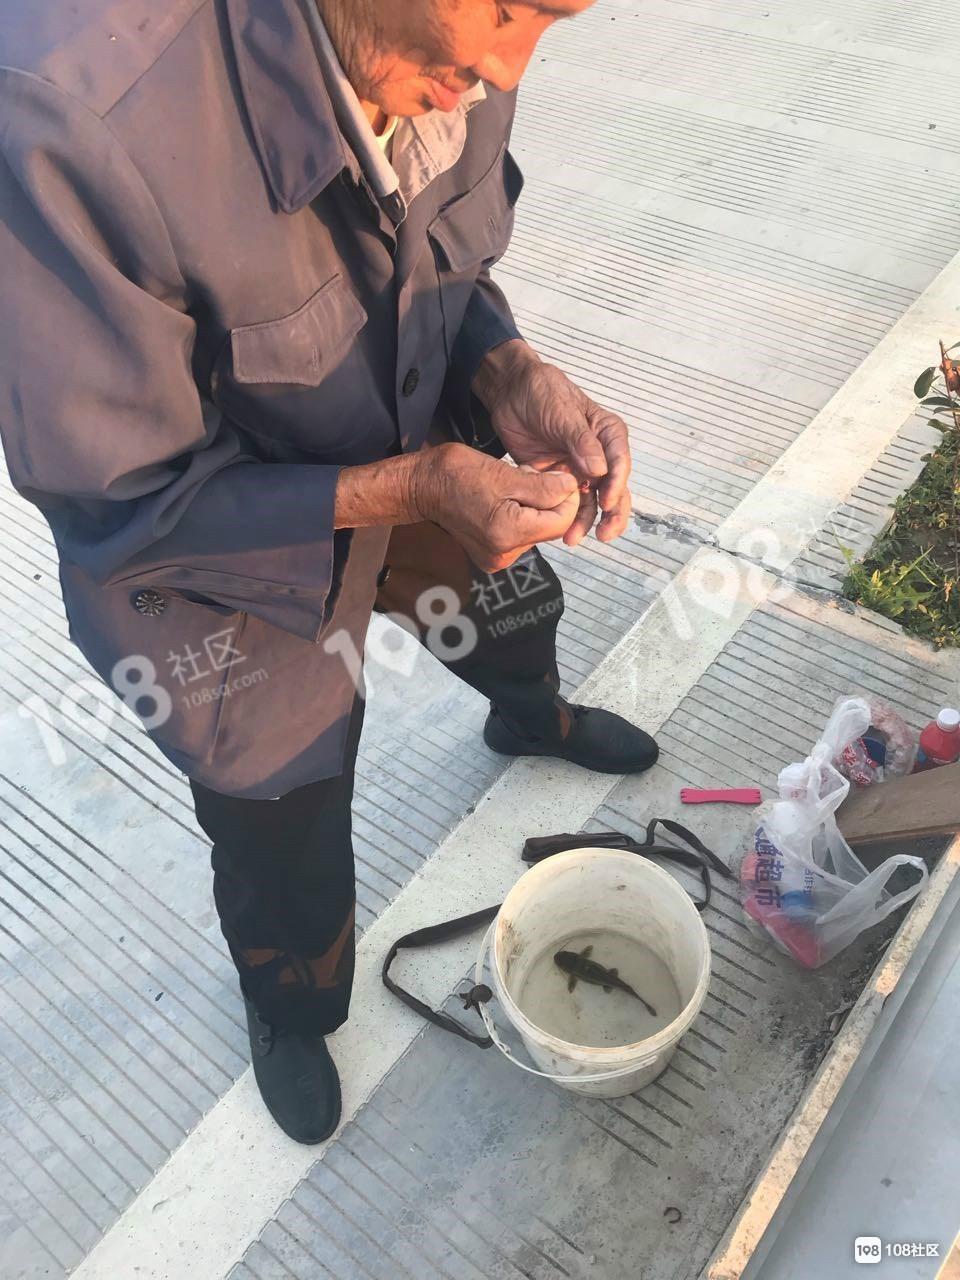 棒棒哒!91岁老人每天坚持钓鱼,这毅力让人佩服!